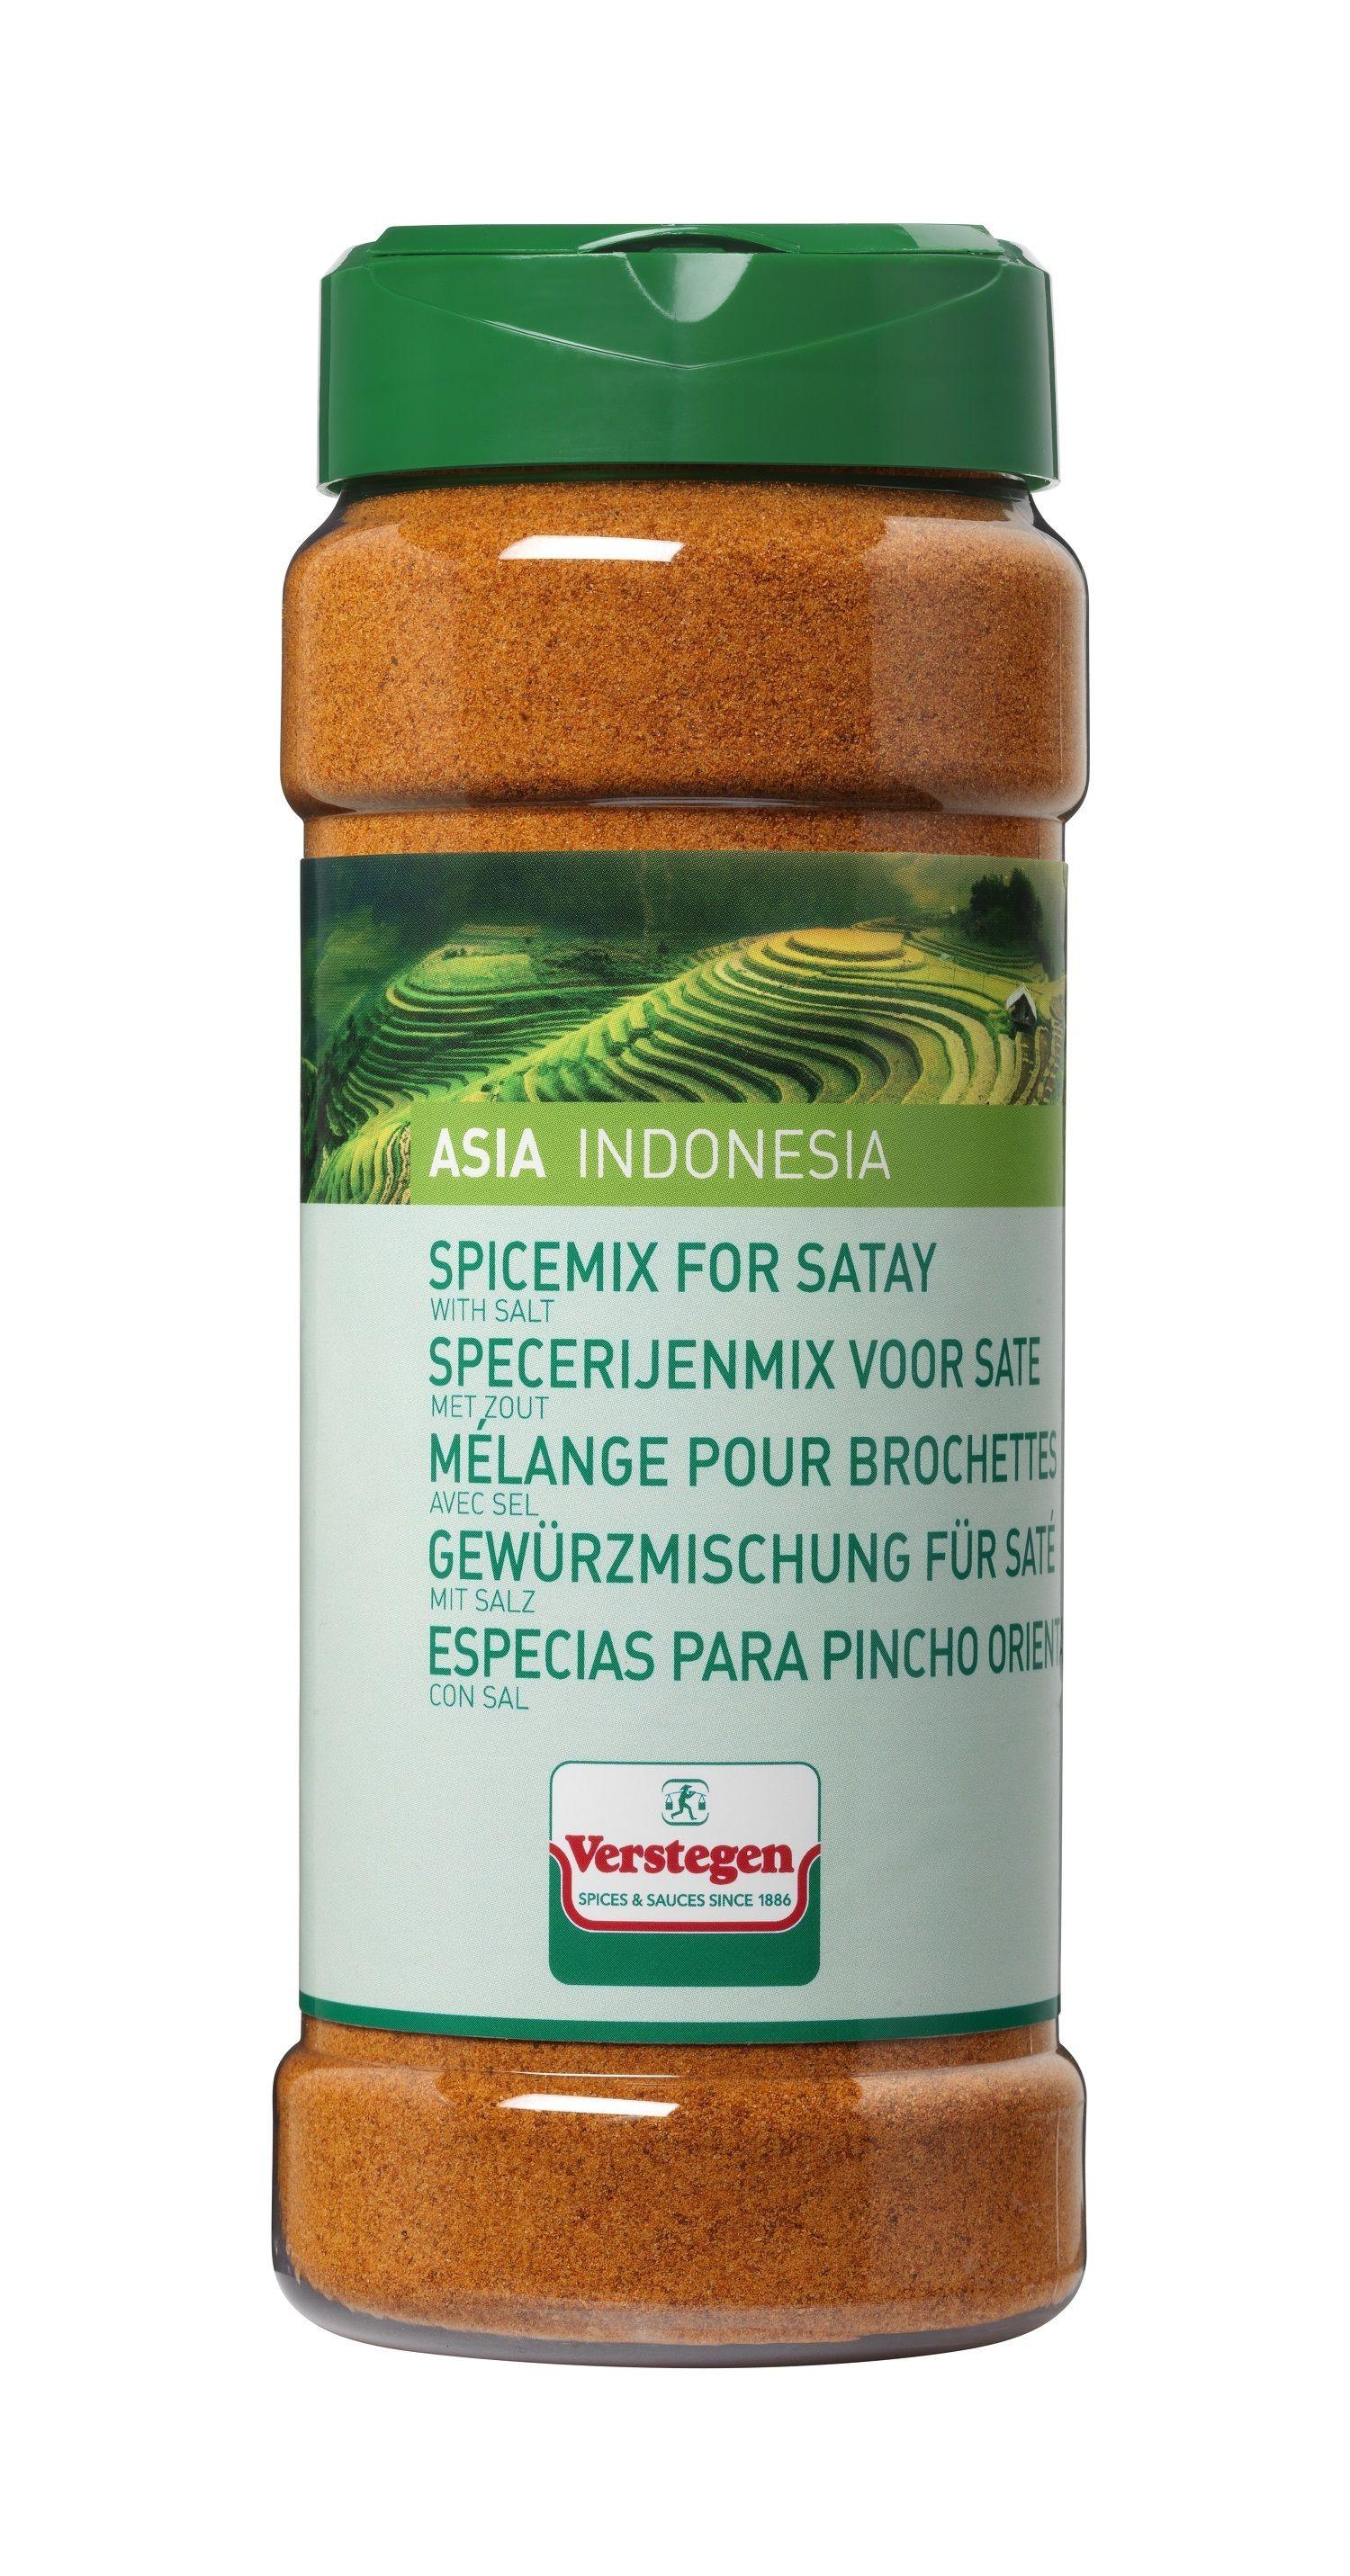 Verstegen satékruiden met zout 810gr 1lp